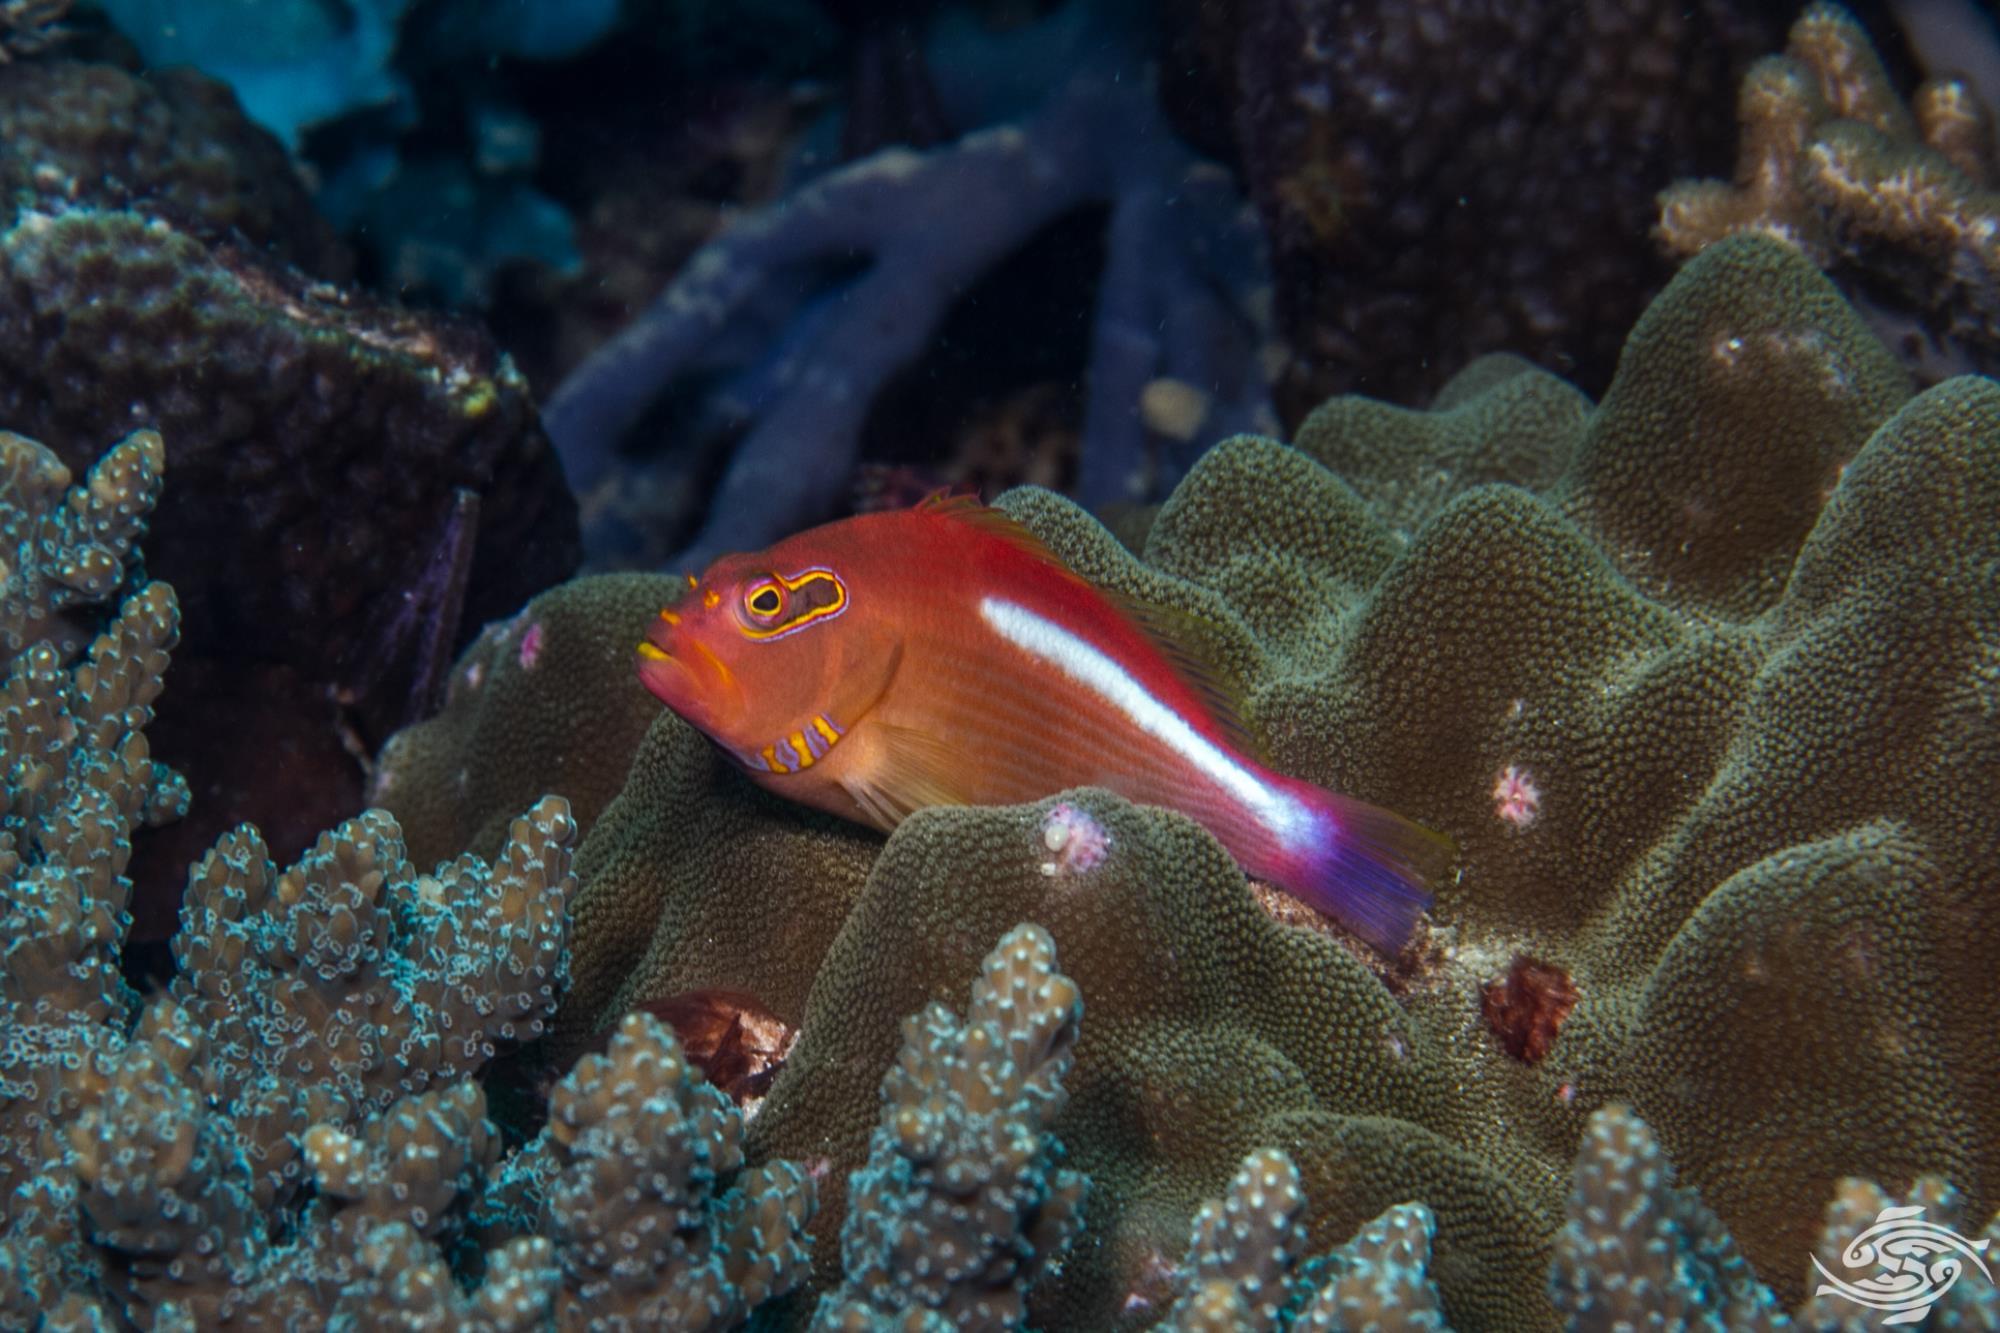 Arc-eye hawkfish (Paracirrhites arcatus